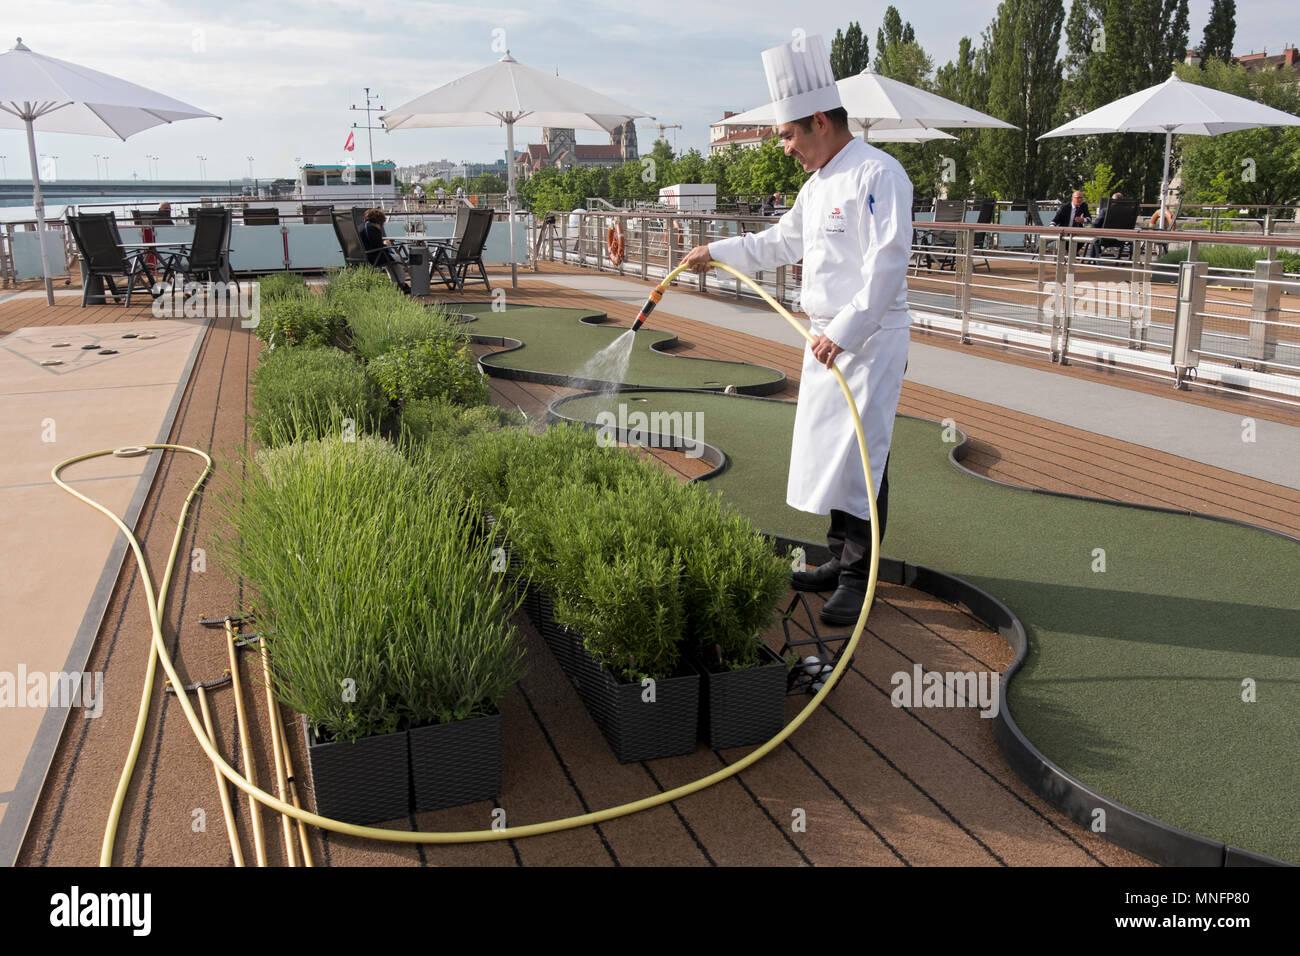 Un crucero chef aguas su jardín de hierbas en la cubierta superior, mientras está acoplado en el Danubio en Viena, Austria. Imagen De Stock